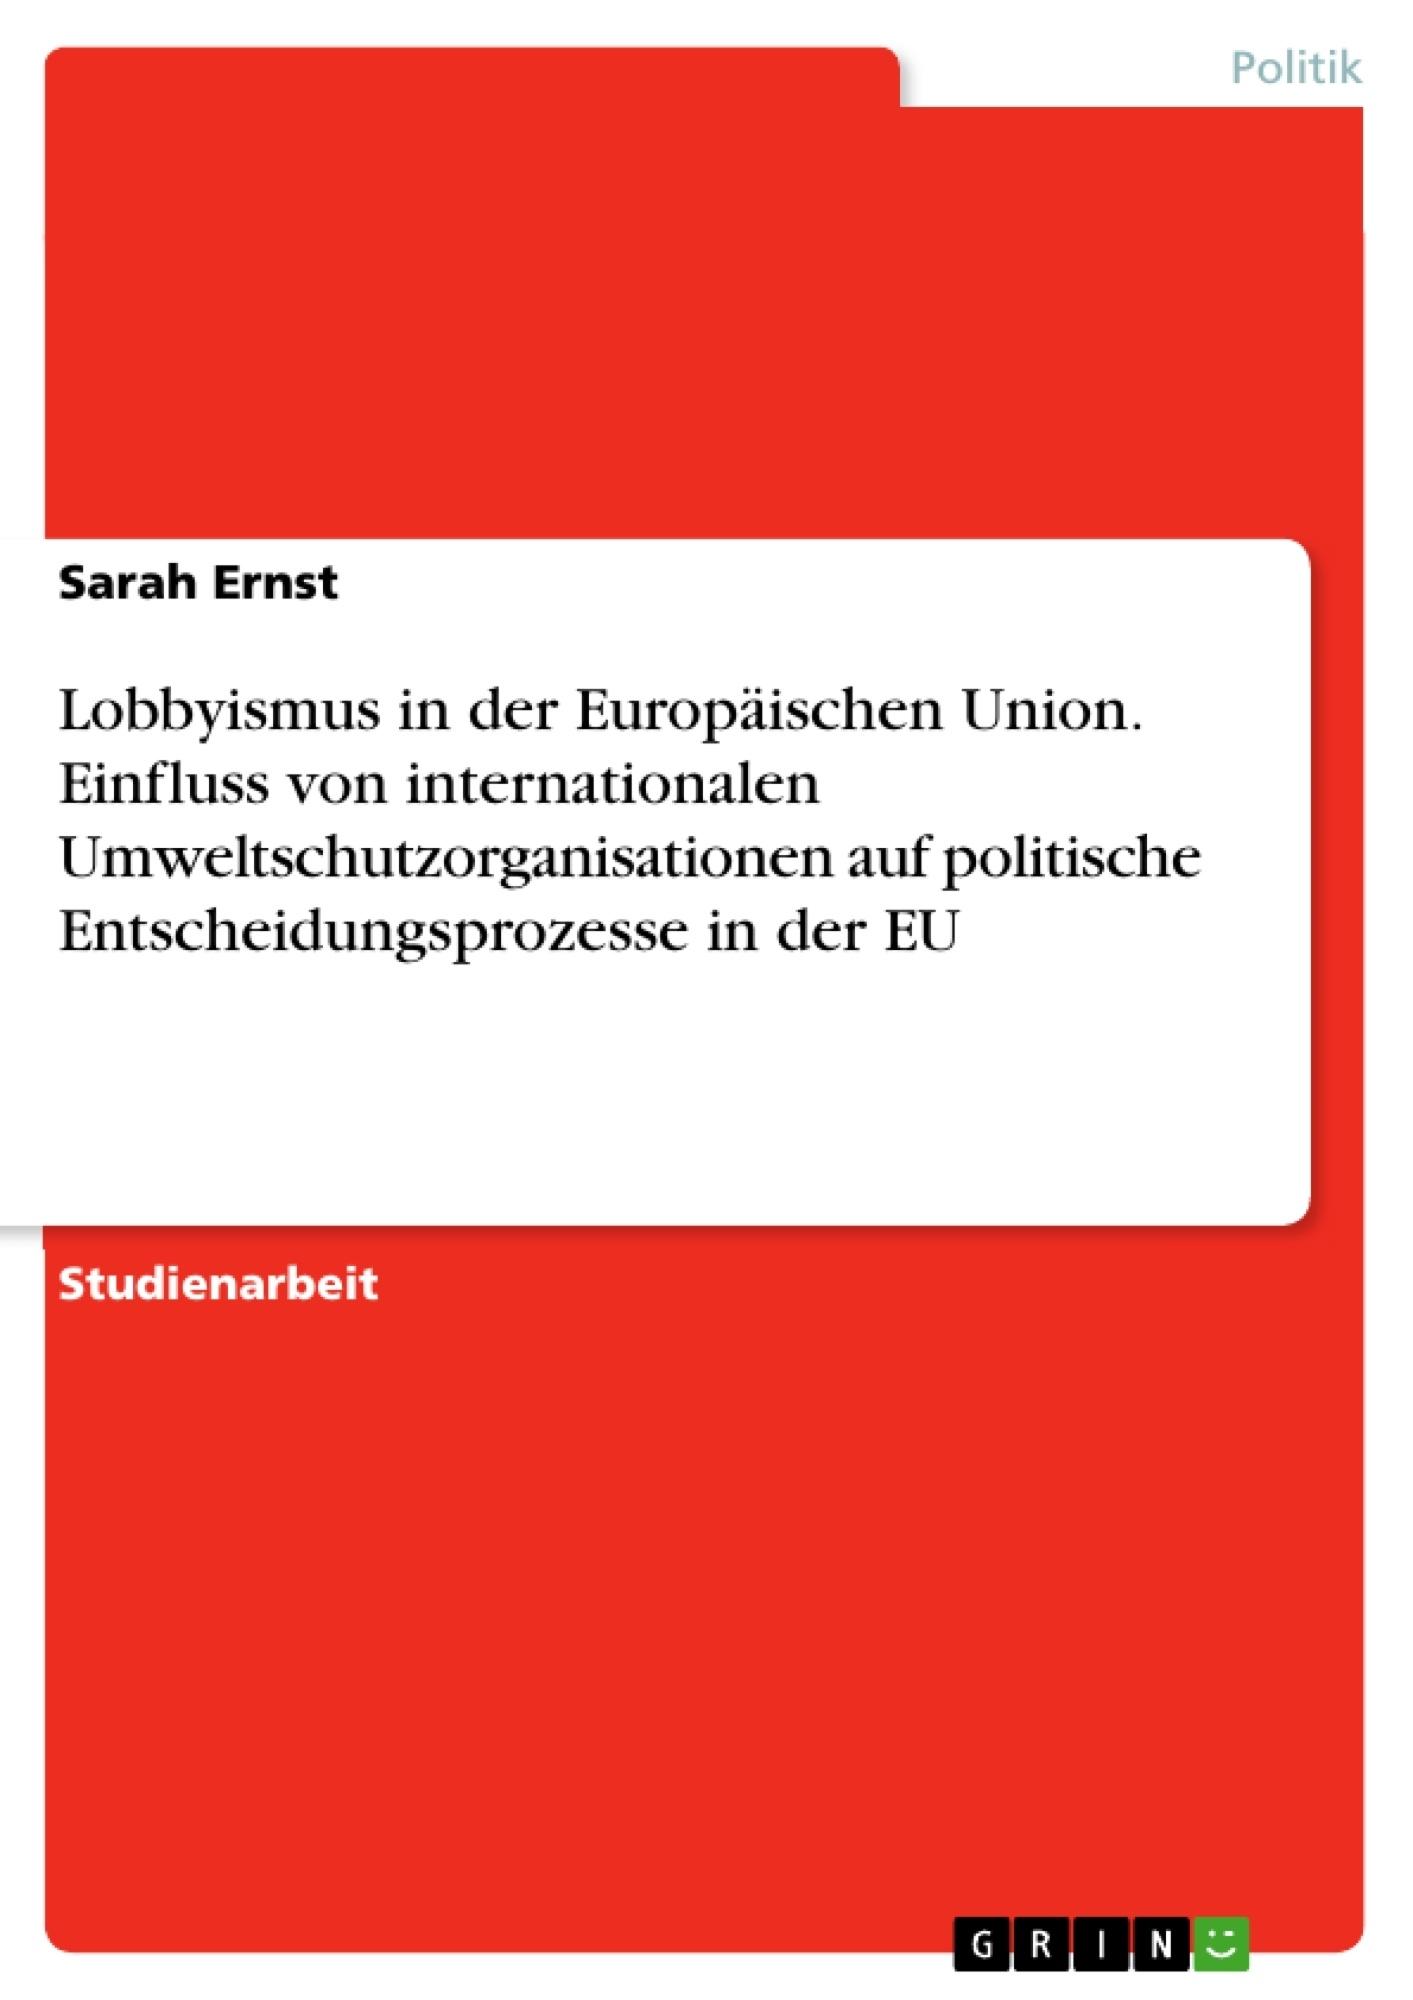 Titel: Lobbyismus in der Europäischen Union. Einfluss von internationalen Umweltschutzorganisationen auf politische Entscheidungsprozesse in der EU